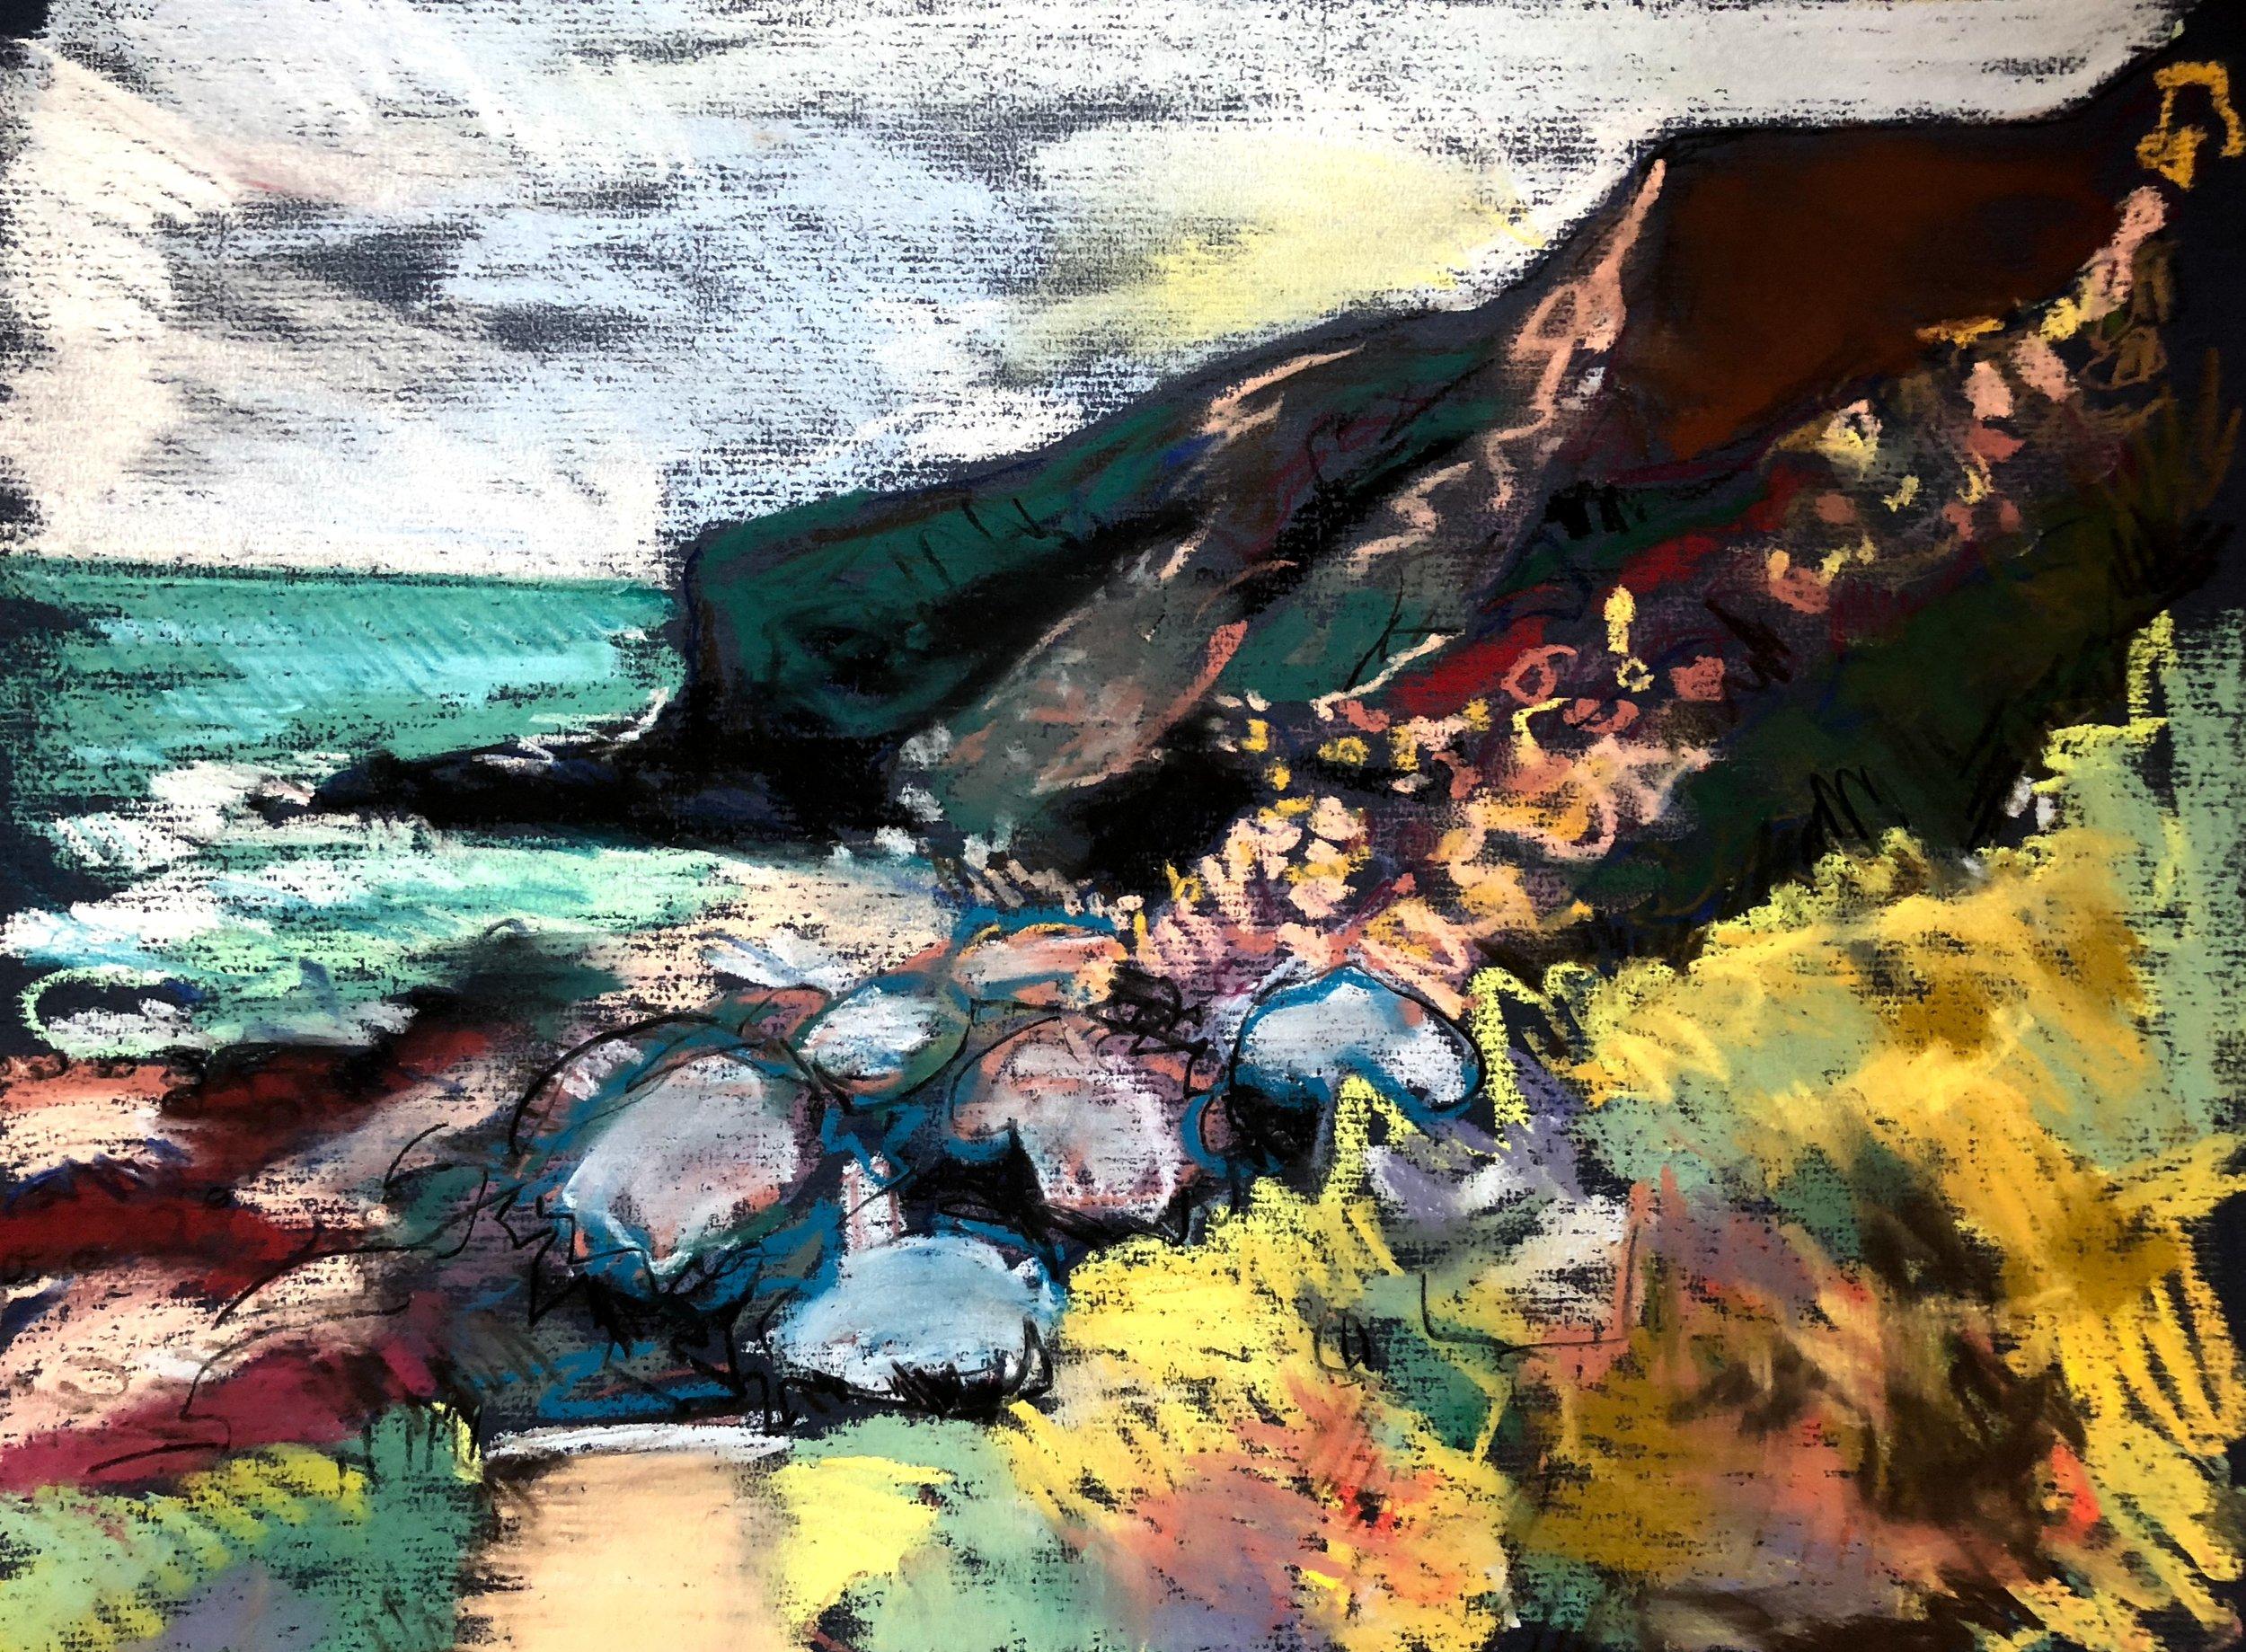 Tregardock Rocks 3